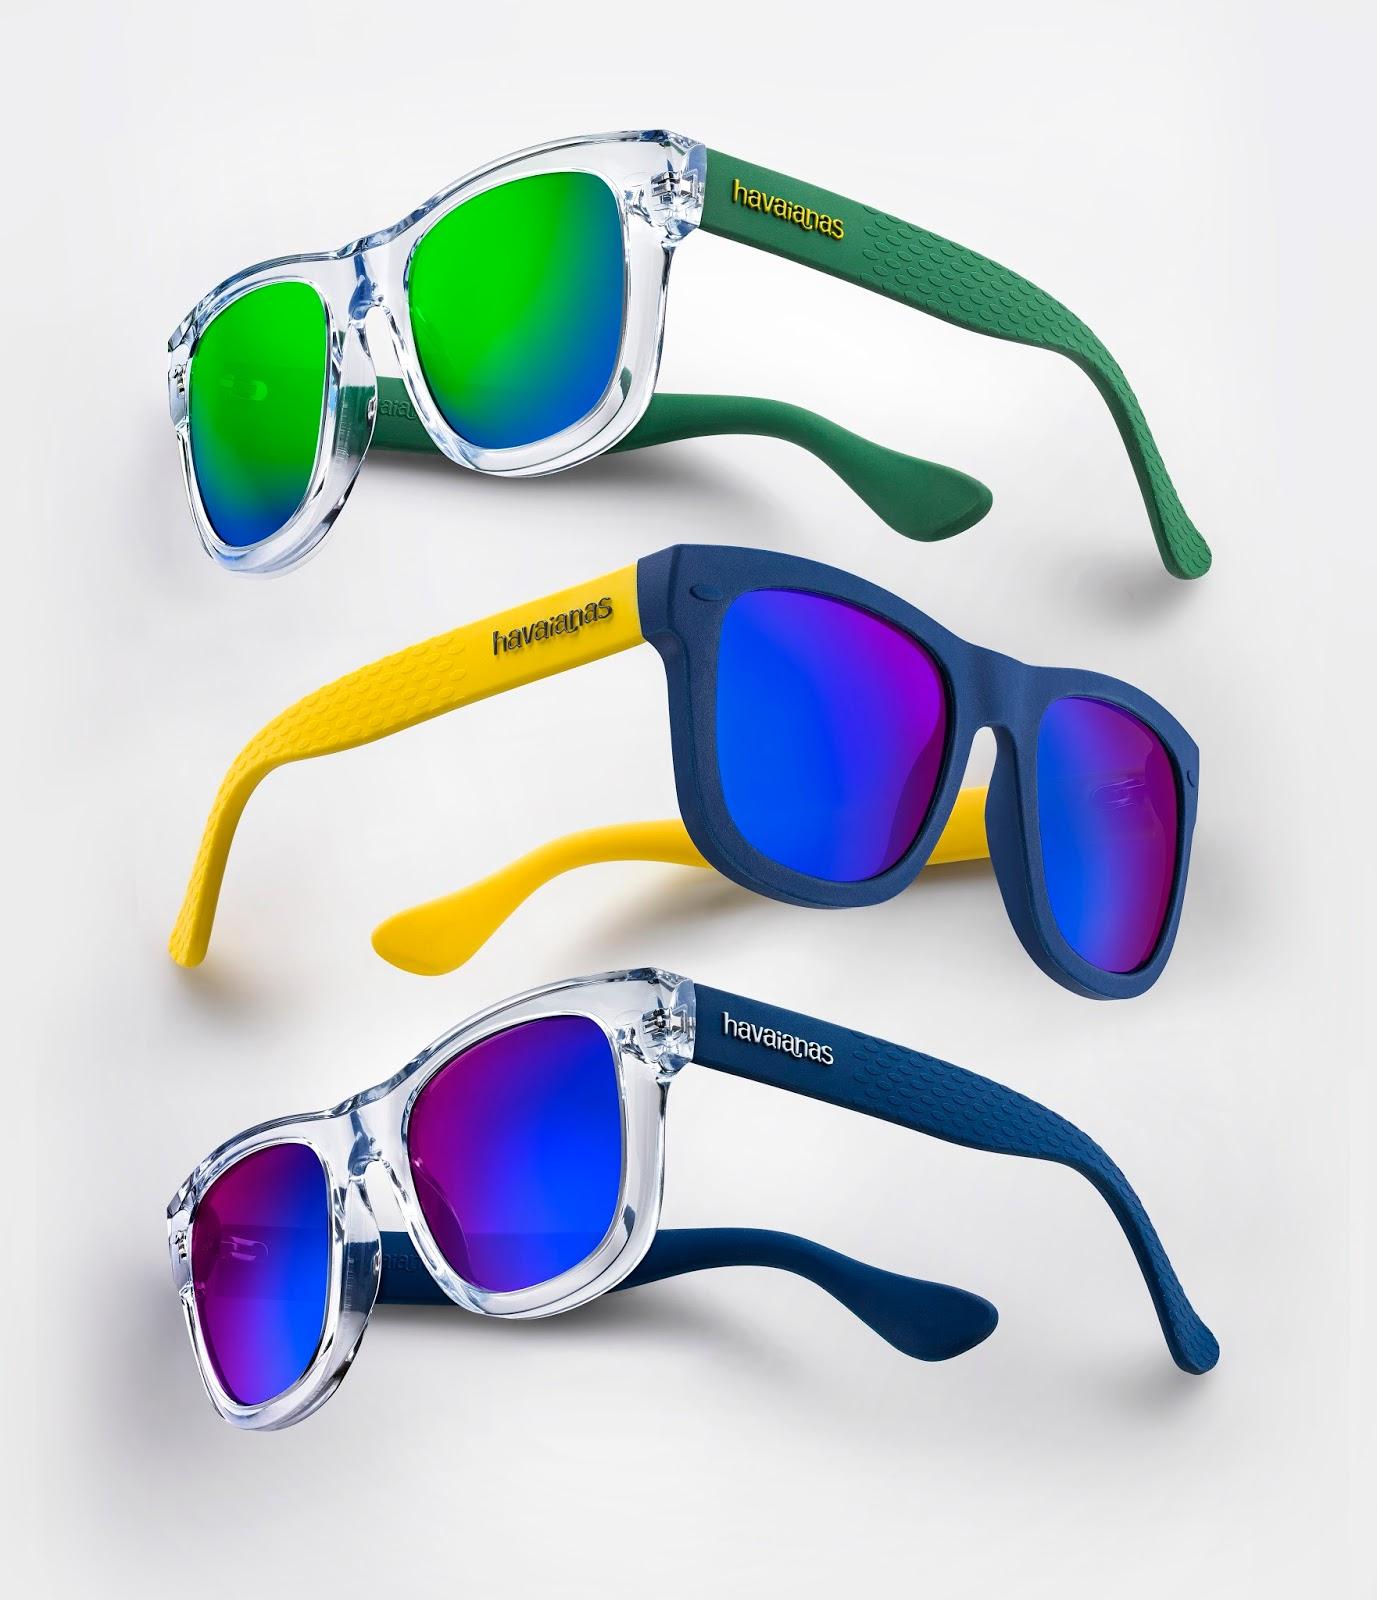 81ba801d5 Já os modelos lançados em 2016 continuam na coleção atual - totalizando  mais de 110 opções, em três tamanhos diferentes. A linha segue o rainbow de  cores da ...